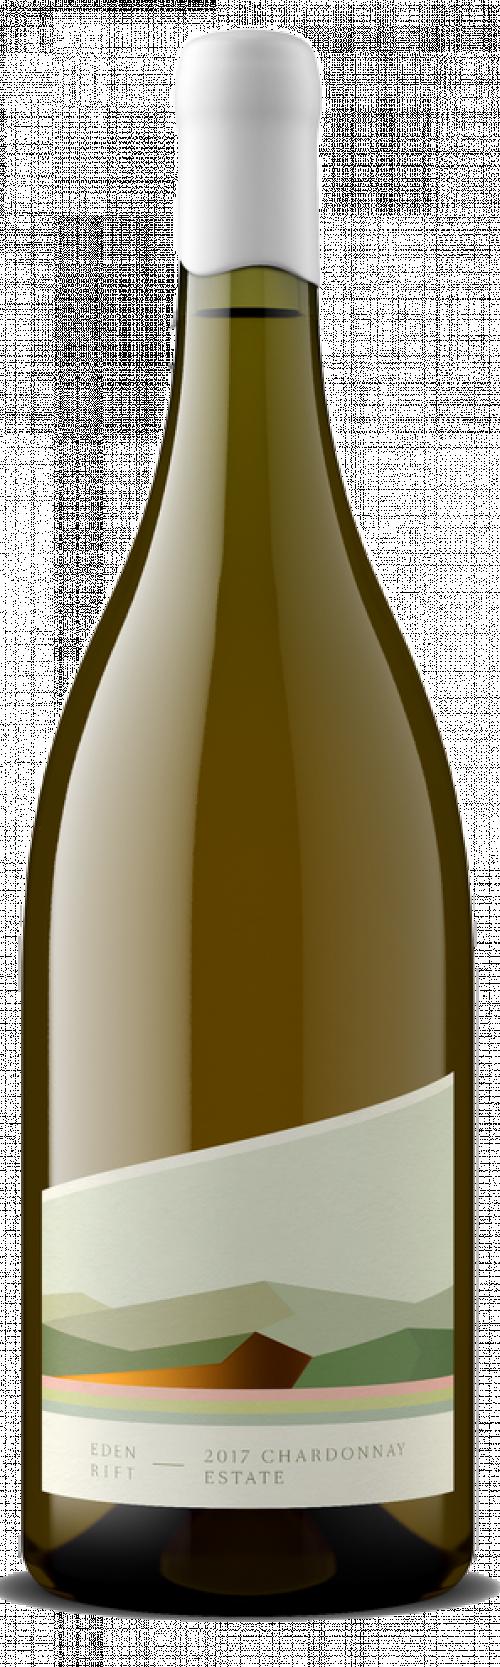 Eden Rift Chardonnay Valliant 750ml